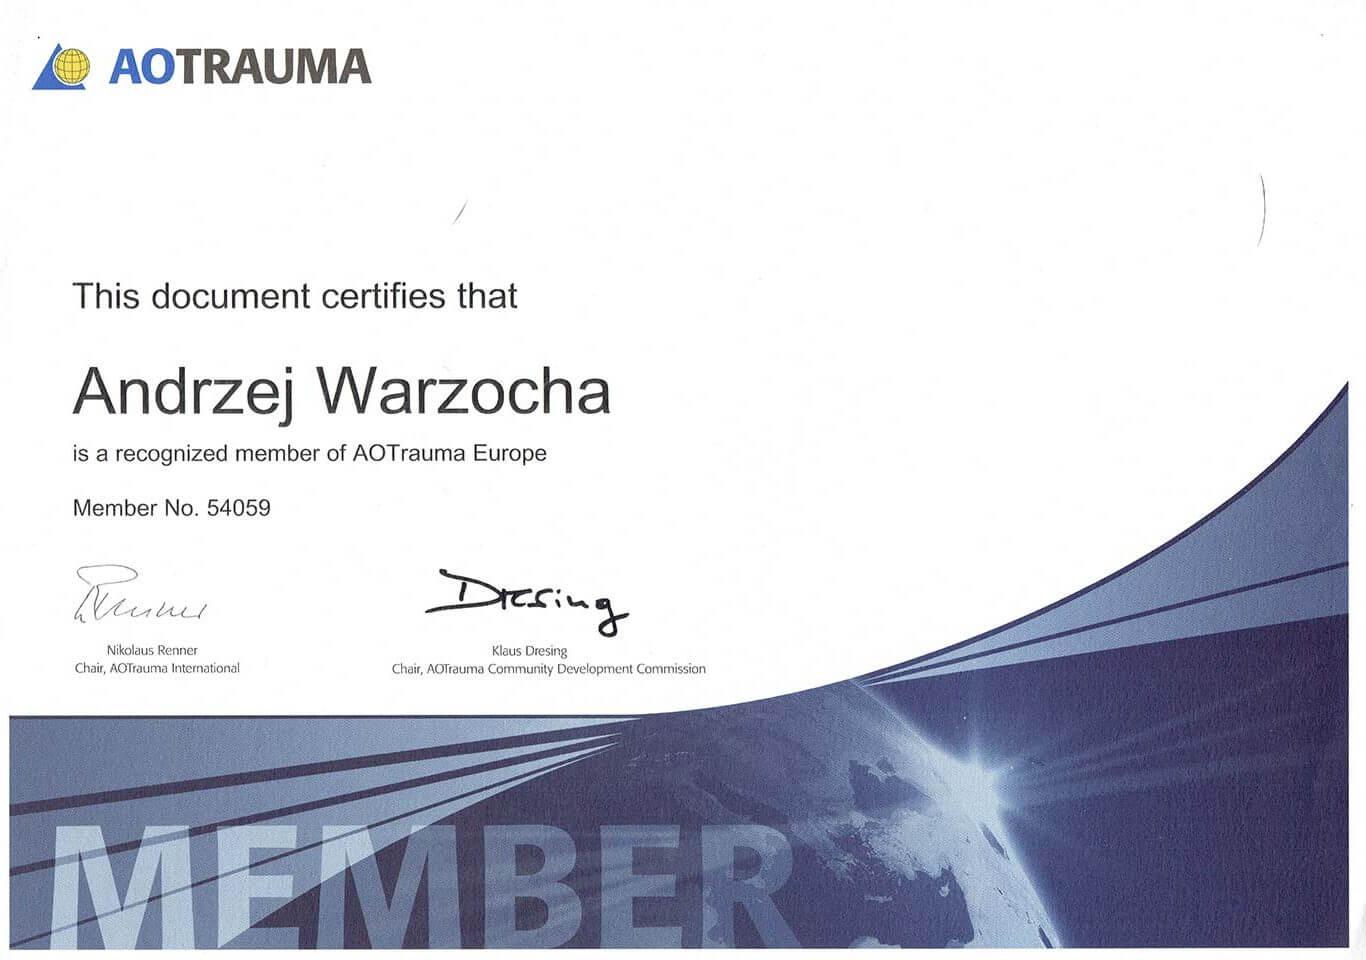 certyfikat-dyplom-adrzej-warzocha (37)